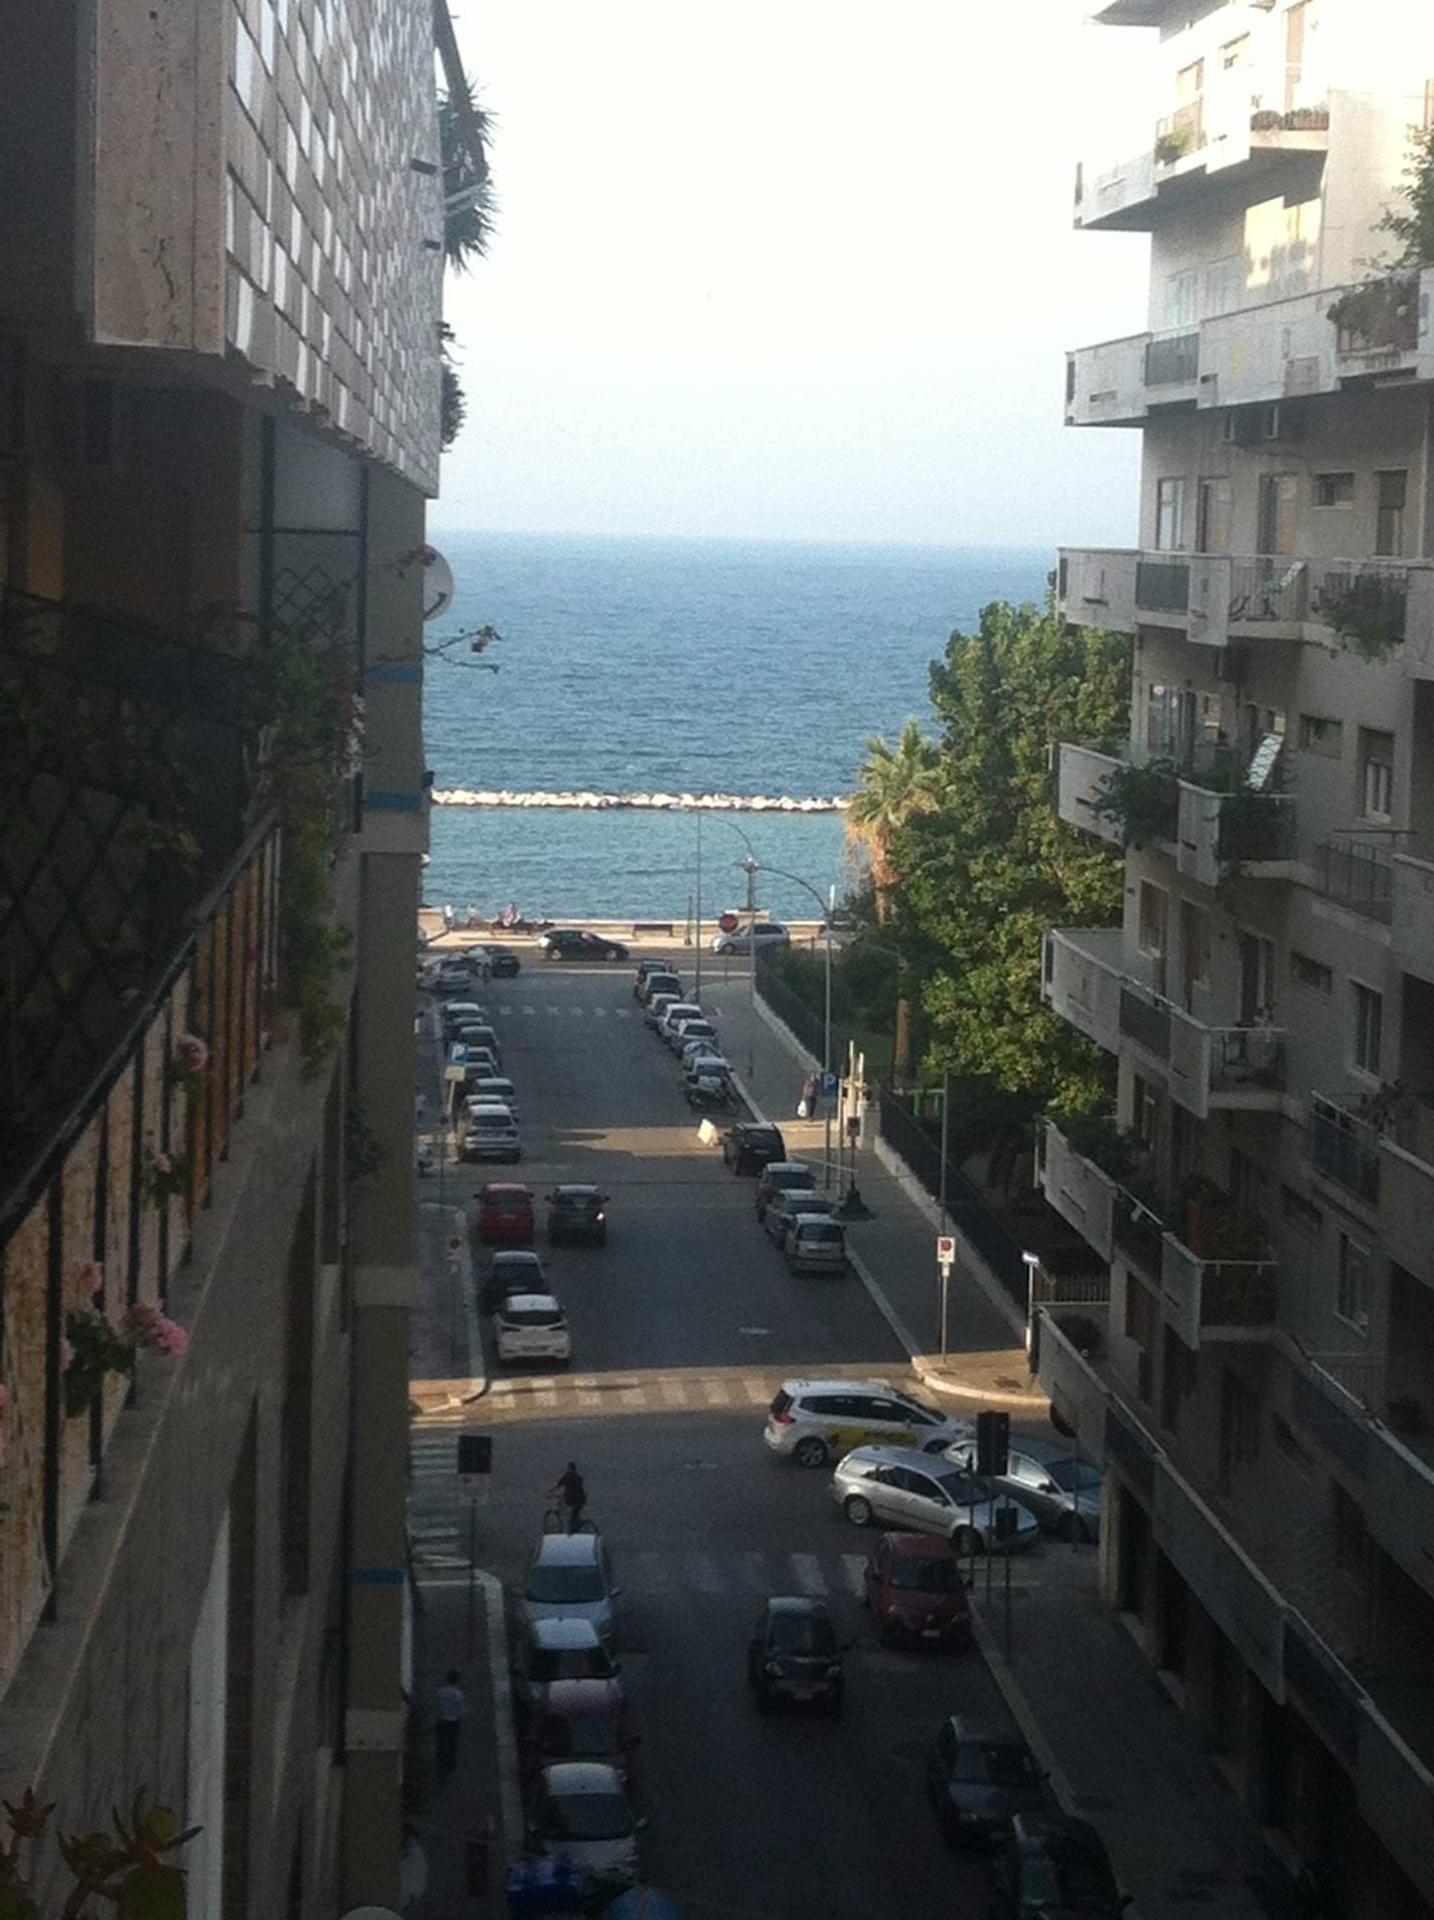 Appartamento in vendita a Bari, 5 locali, zona Zona: Madonnella, prezzo € 270.000 | CambioCasa.it